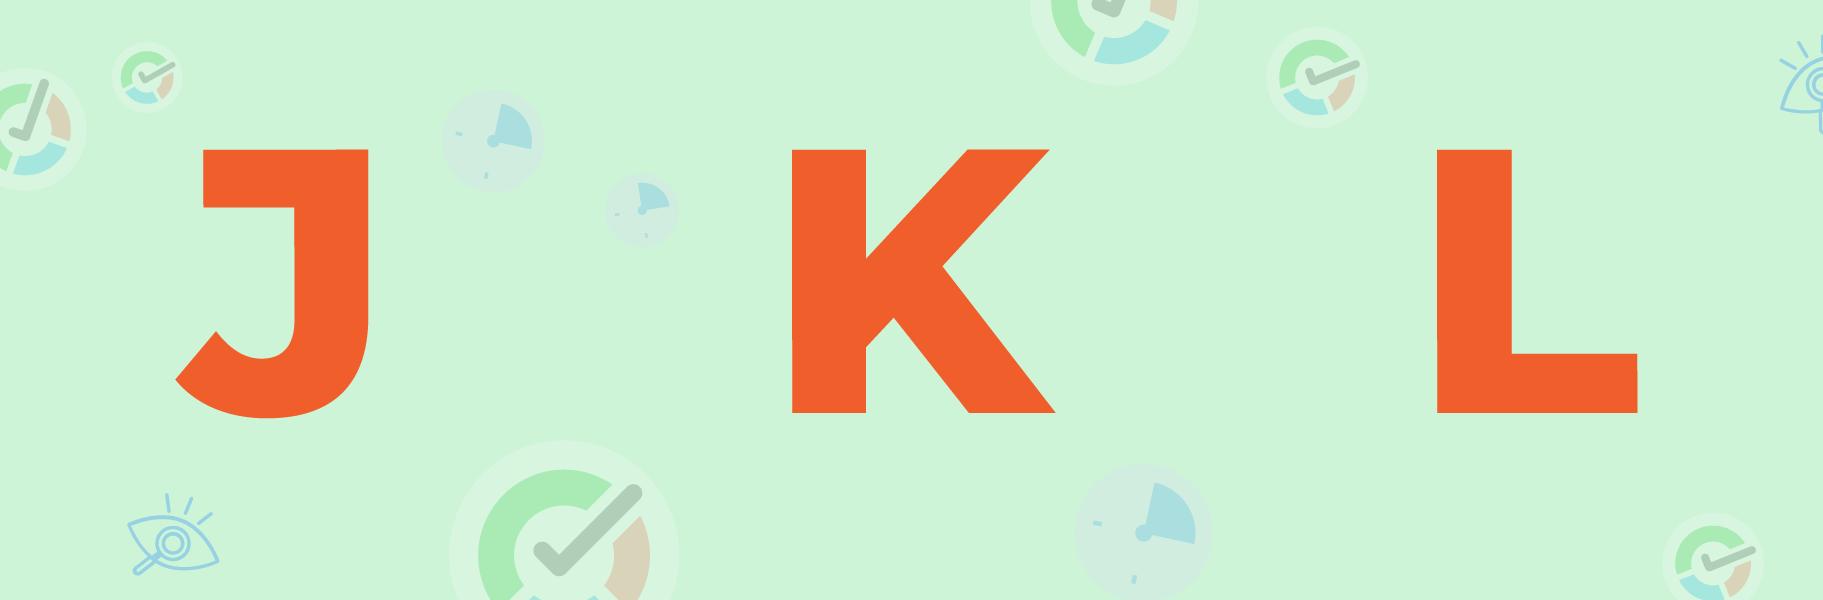 j k l letters image